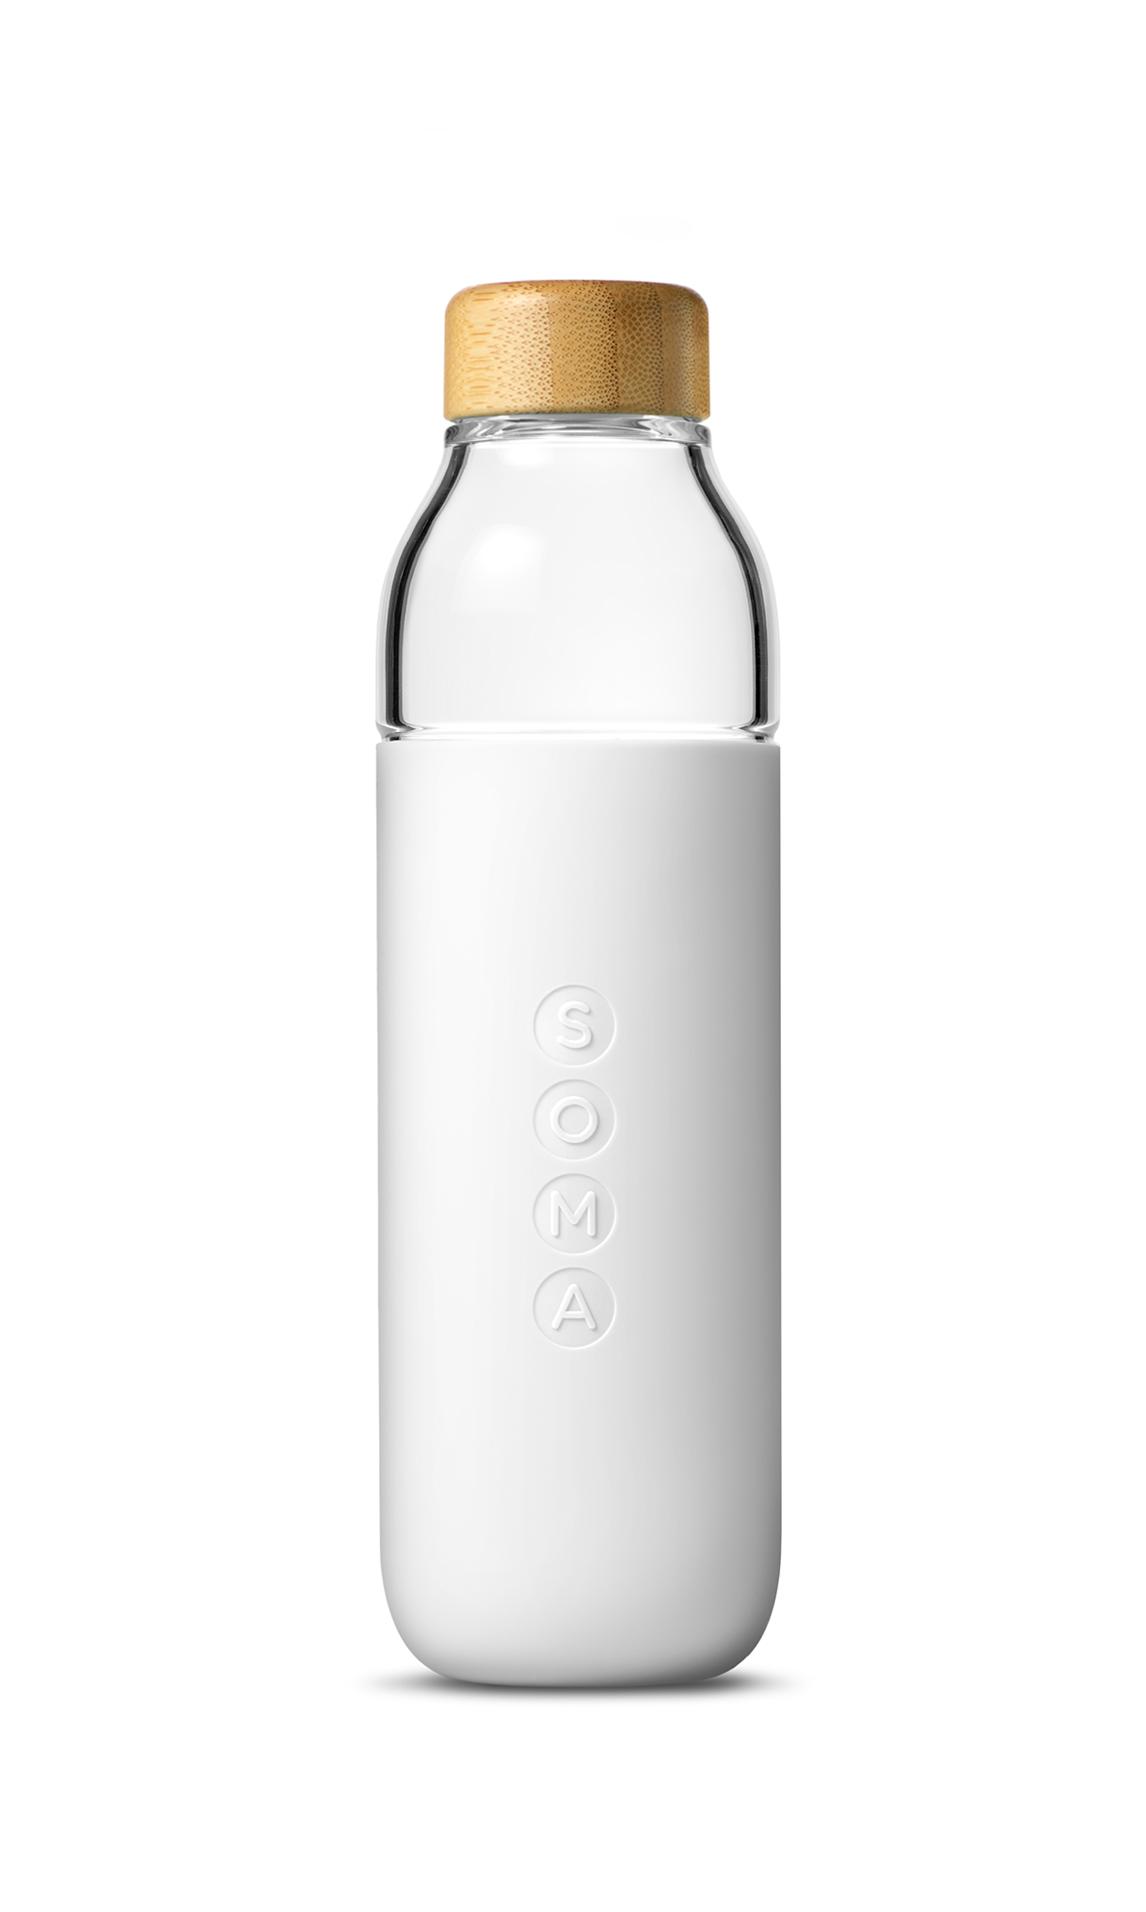 SOMA - GLASS WATER BOTTLE